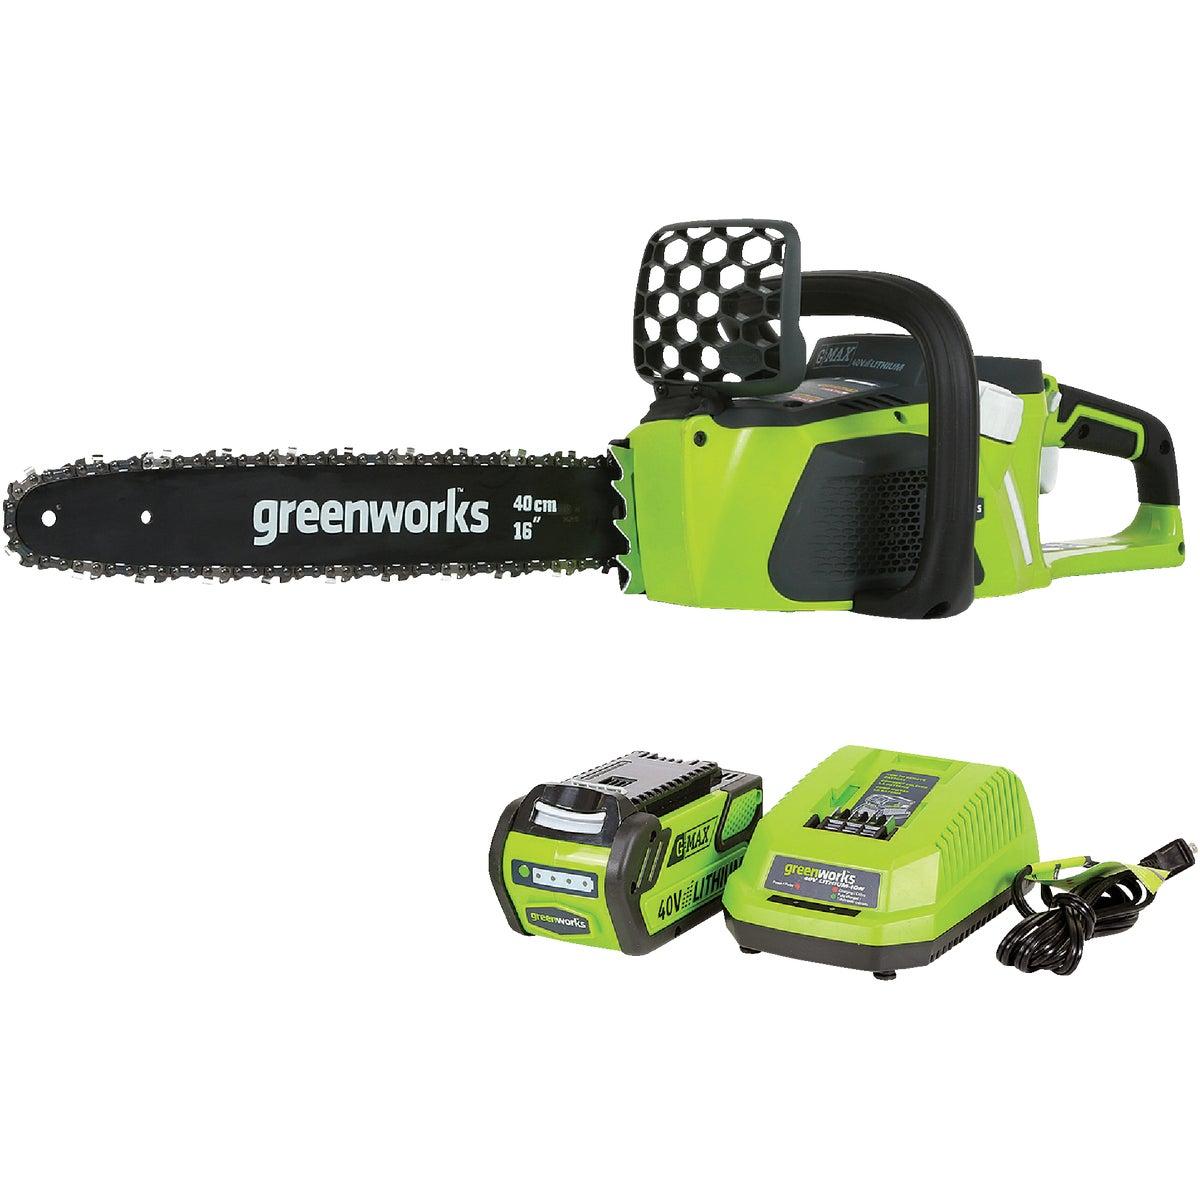 Greenworks G-MAX 40V Brushless Cordless Chainsaw, 20312